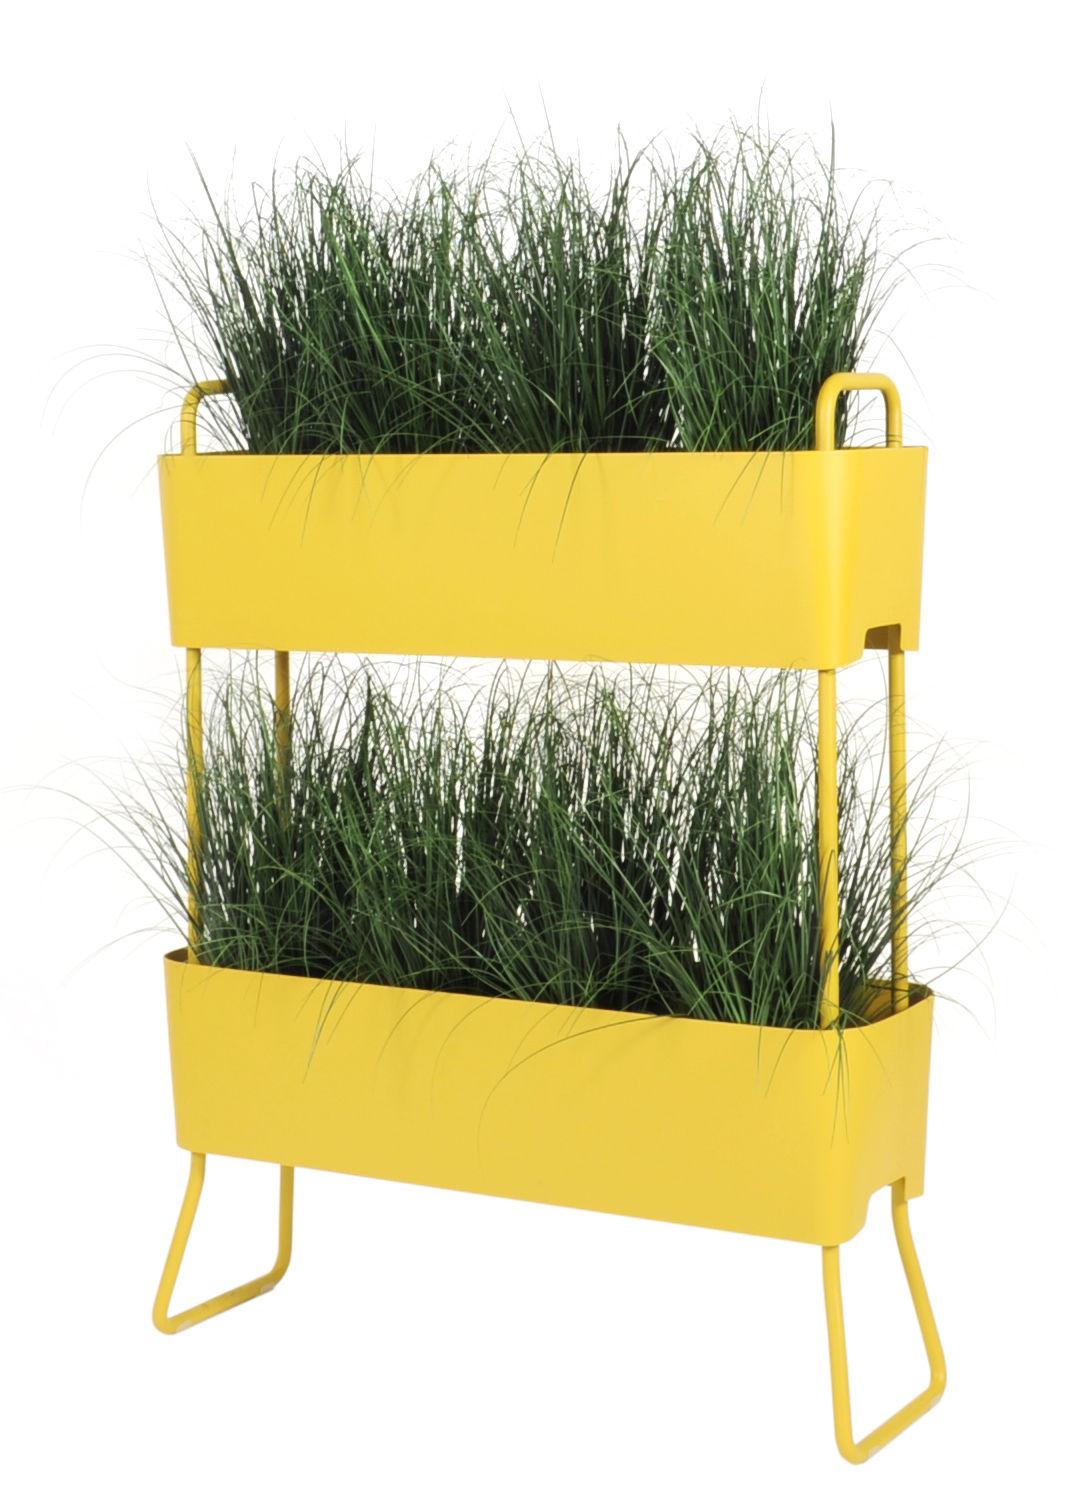 Outdoor - Pots et plantes - Jardinière Greens Duo / Set de 2 à empiler -  L 100 x H 119 cm - Maiori - Jaune moutarde - Aluminium